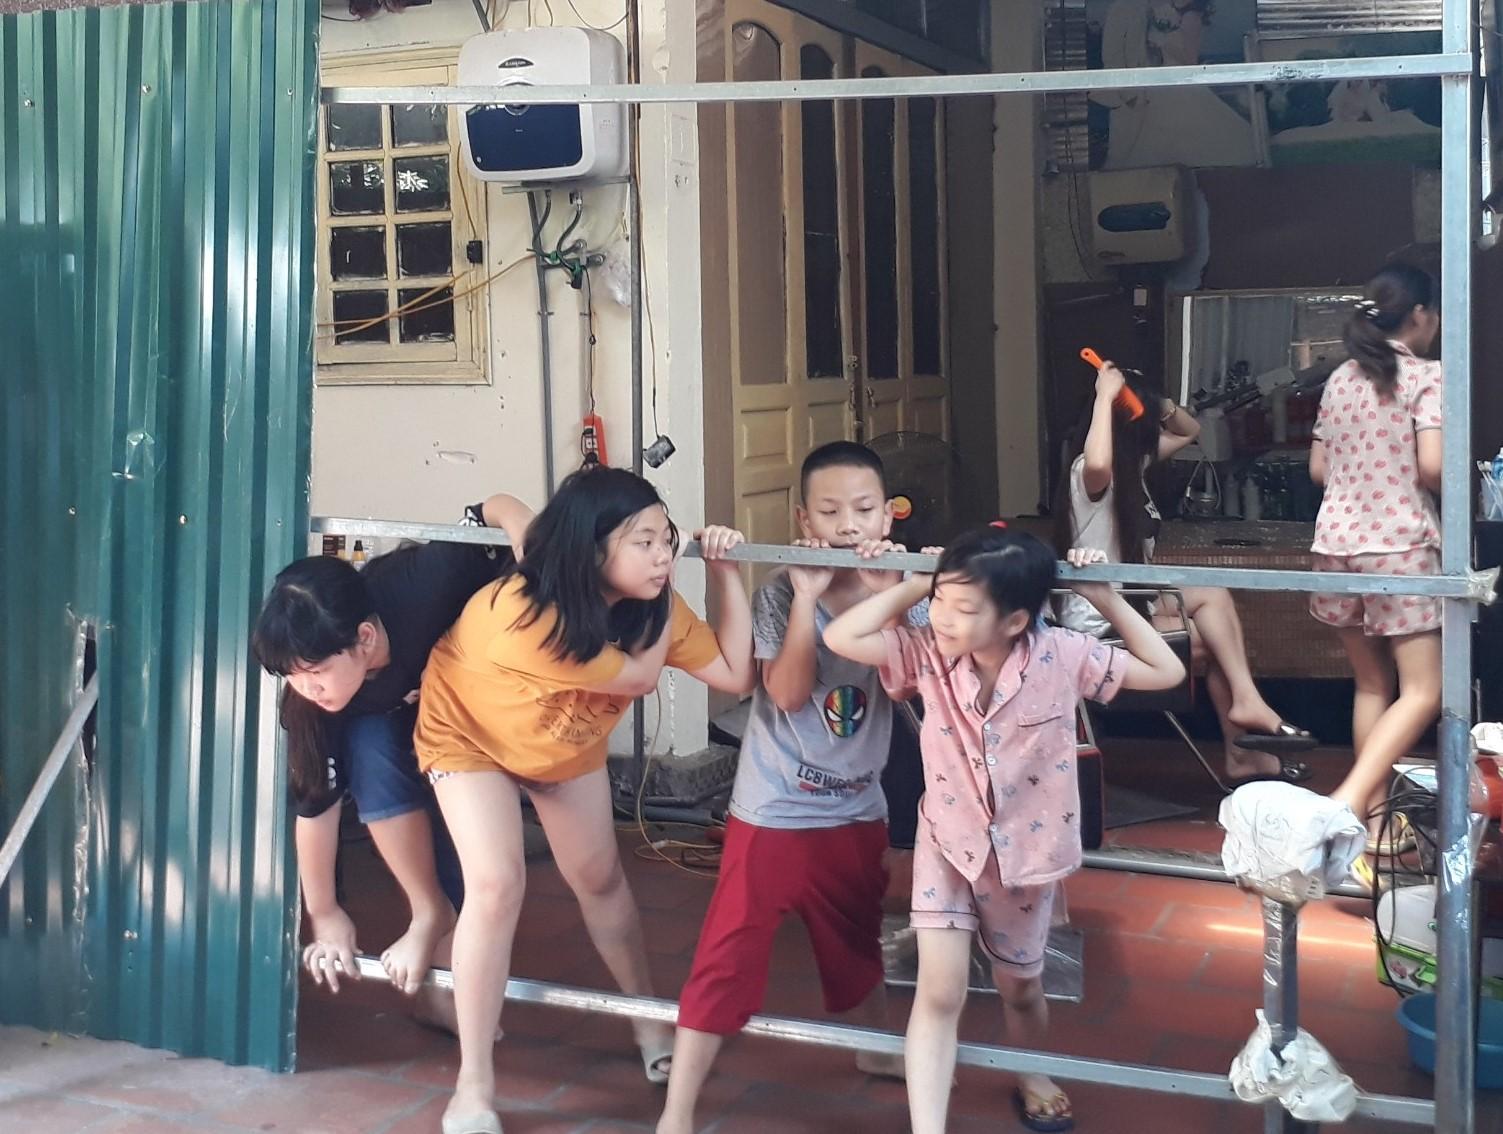 Hoàng Mai, Hà Nội: Ngang nhiên xâm phạm chỗ ở của người khác - Ảnh 2.